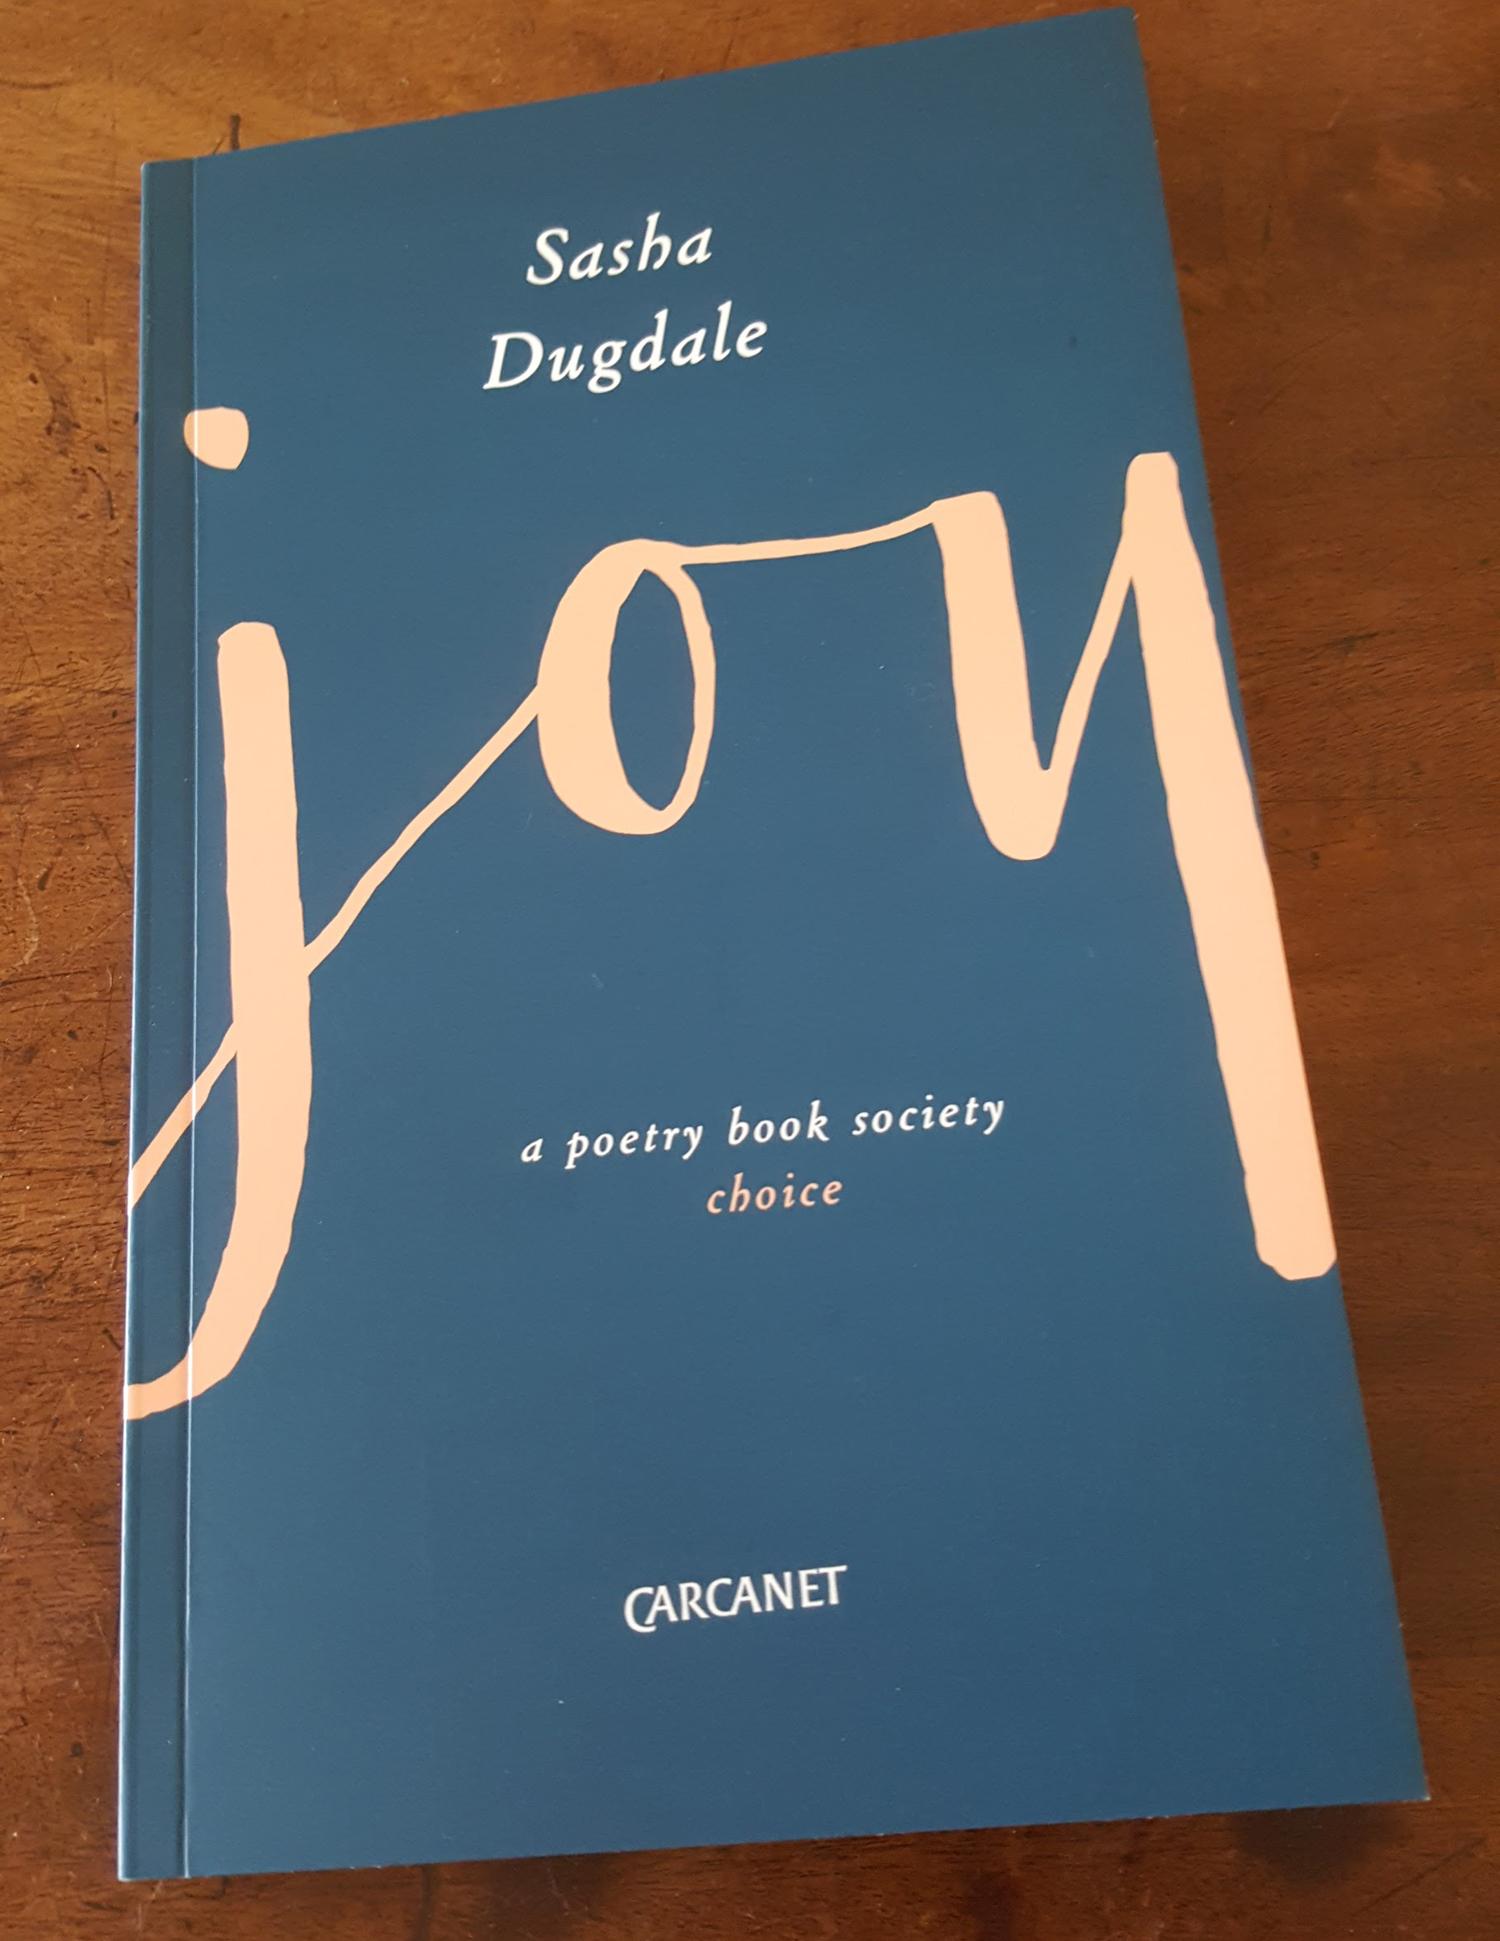 Joy by Sasha Dugdale